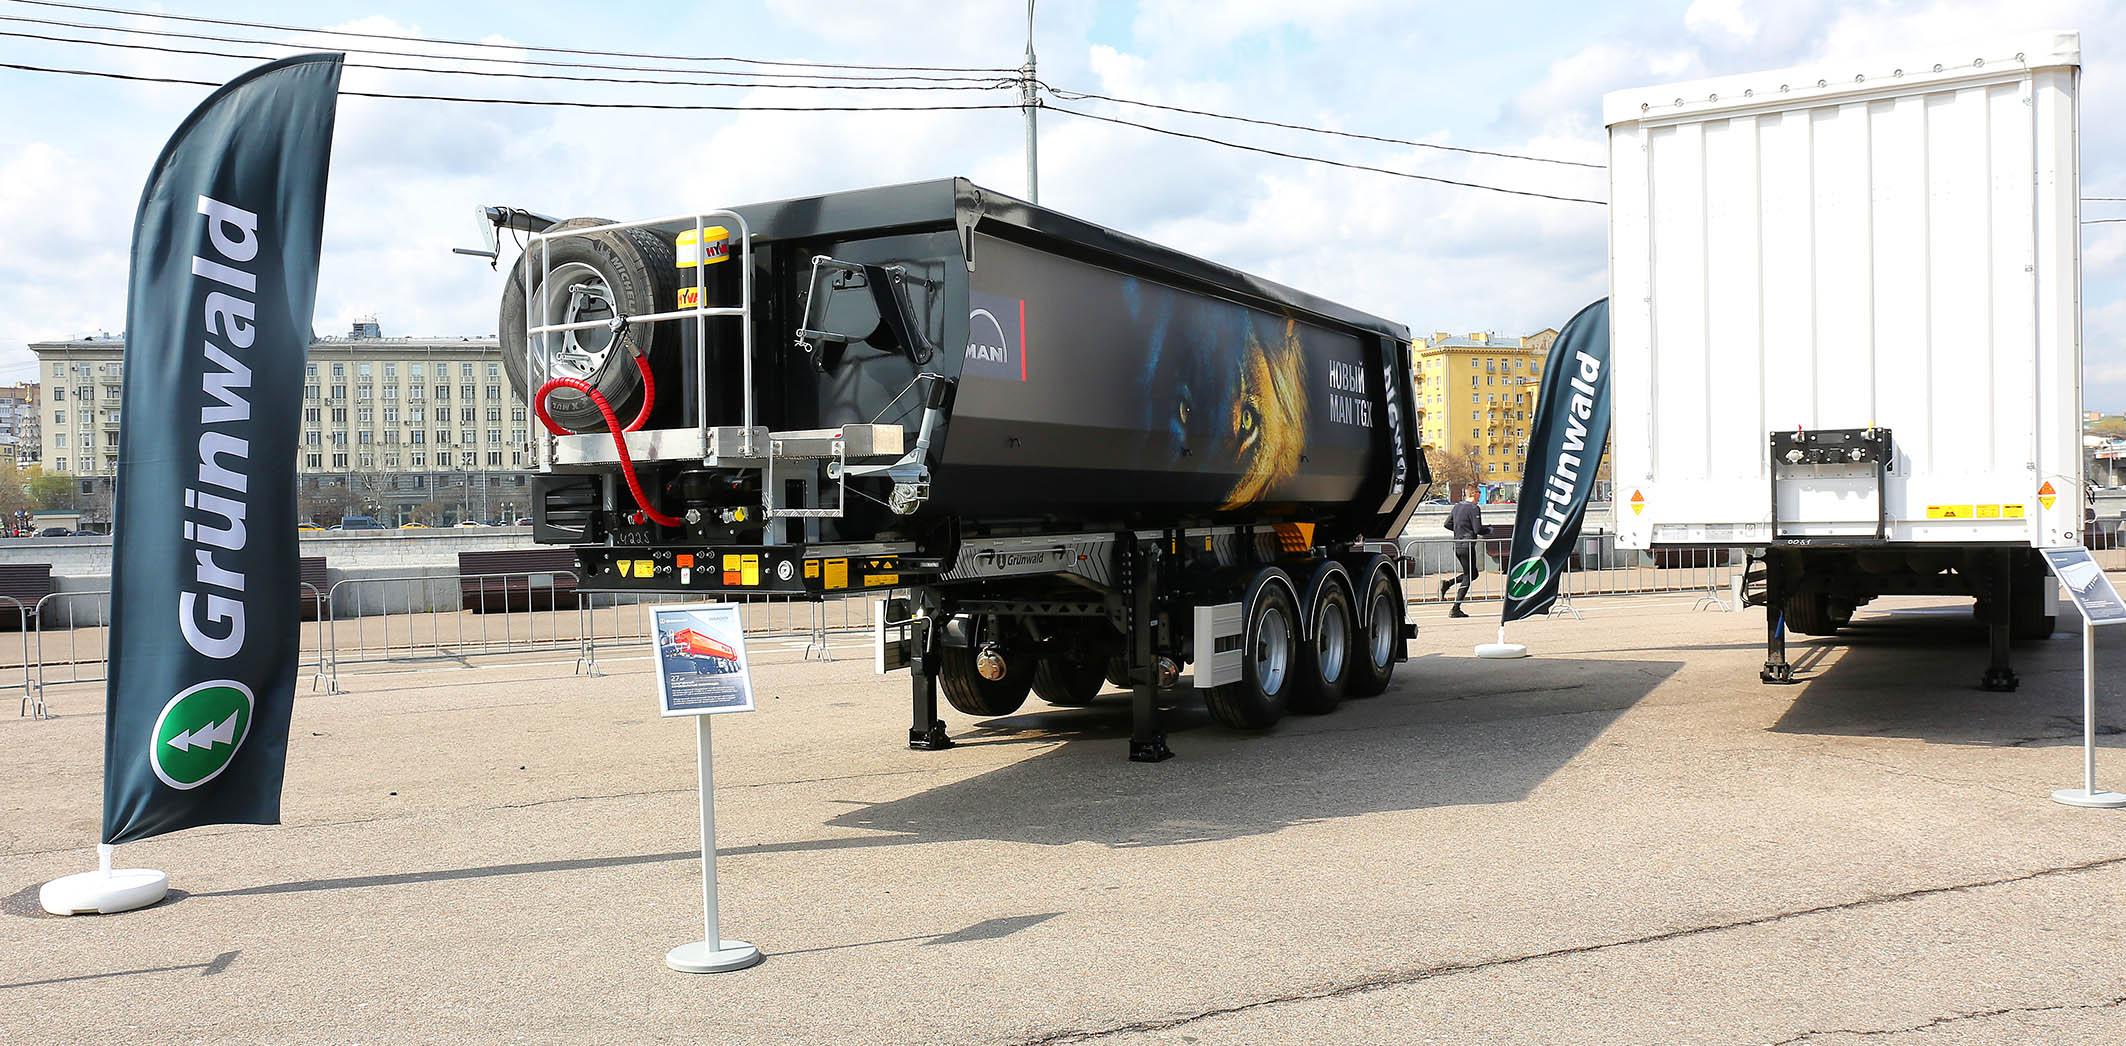 Компании Grunwald и SSAB участвуют в составе всероссийского автопробега MAN